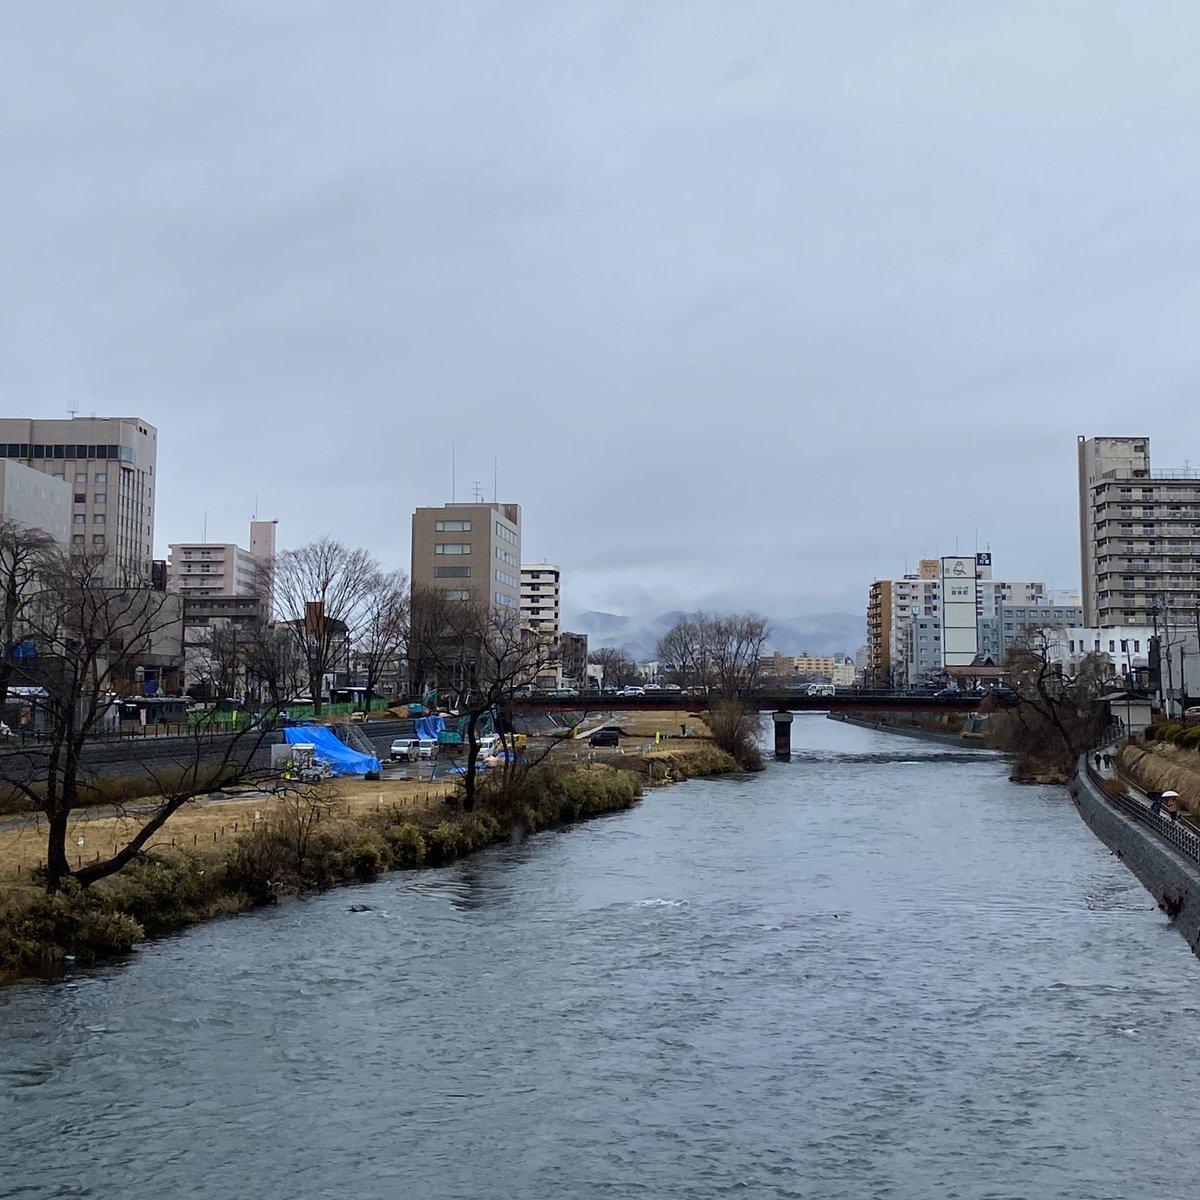 2020/02/17 盛岡市の開運橋から撮影。みなさま、体調管理に気をつけてお過ごしください。 #岩手 #盛岡 #北上川 #岩手においでよ